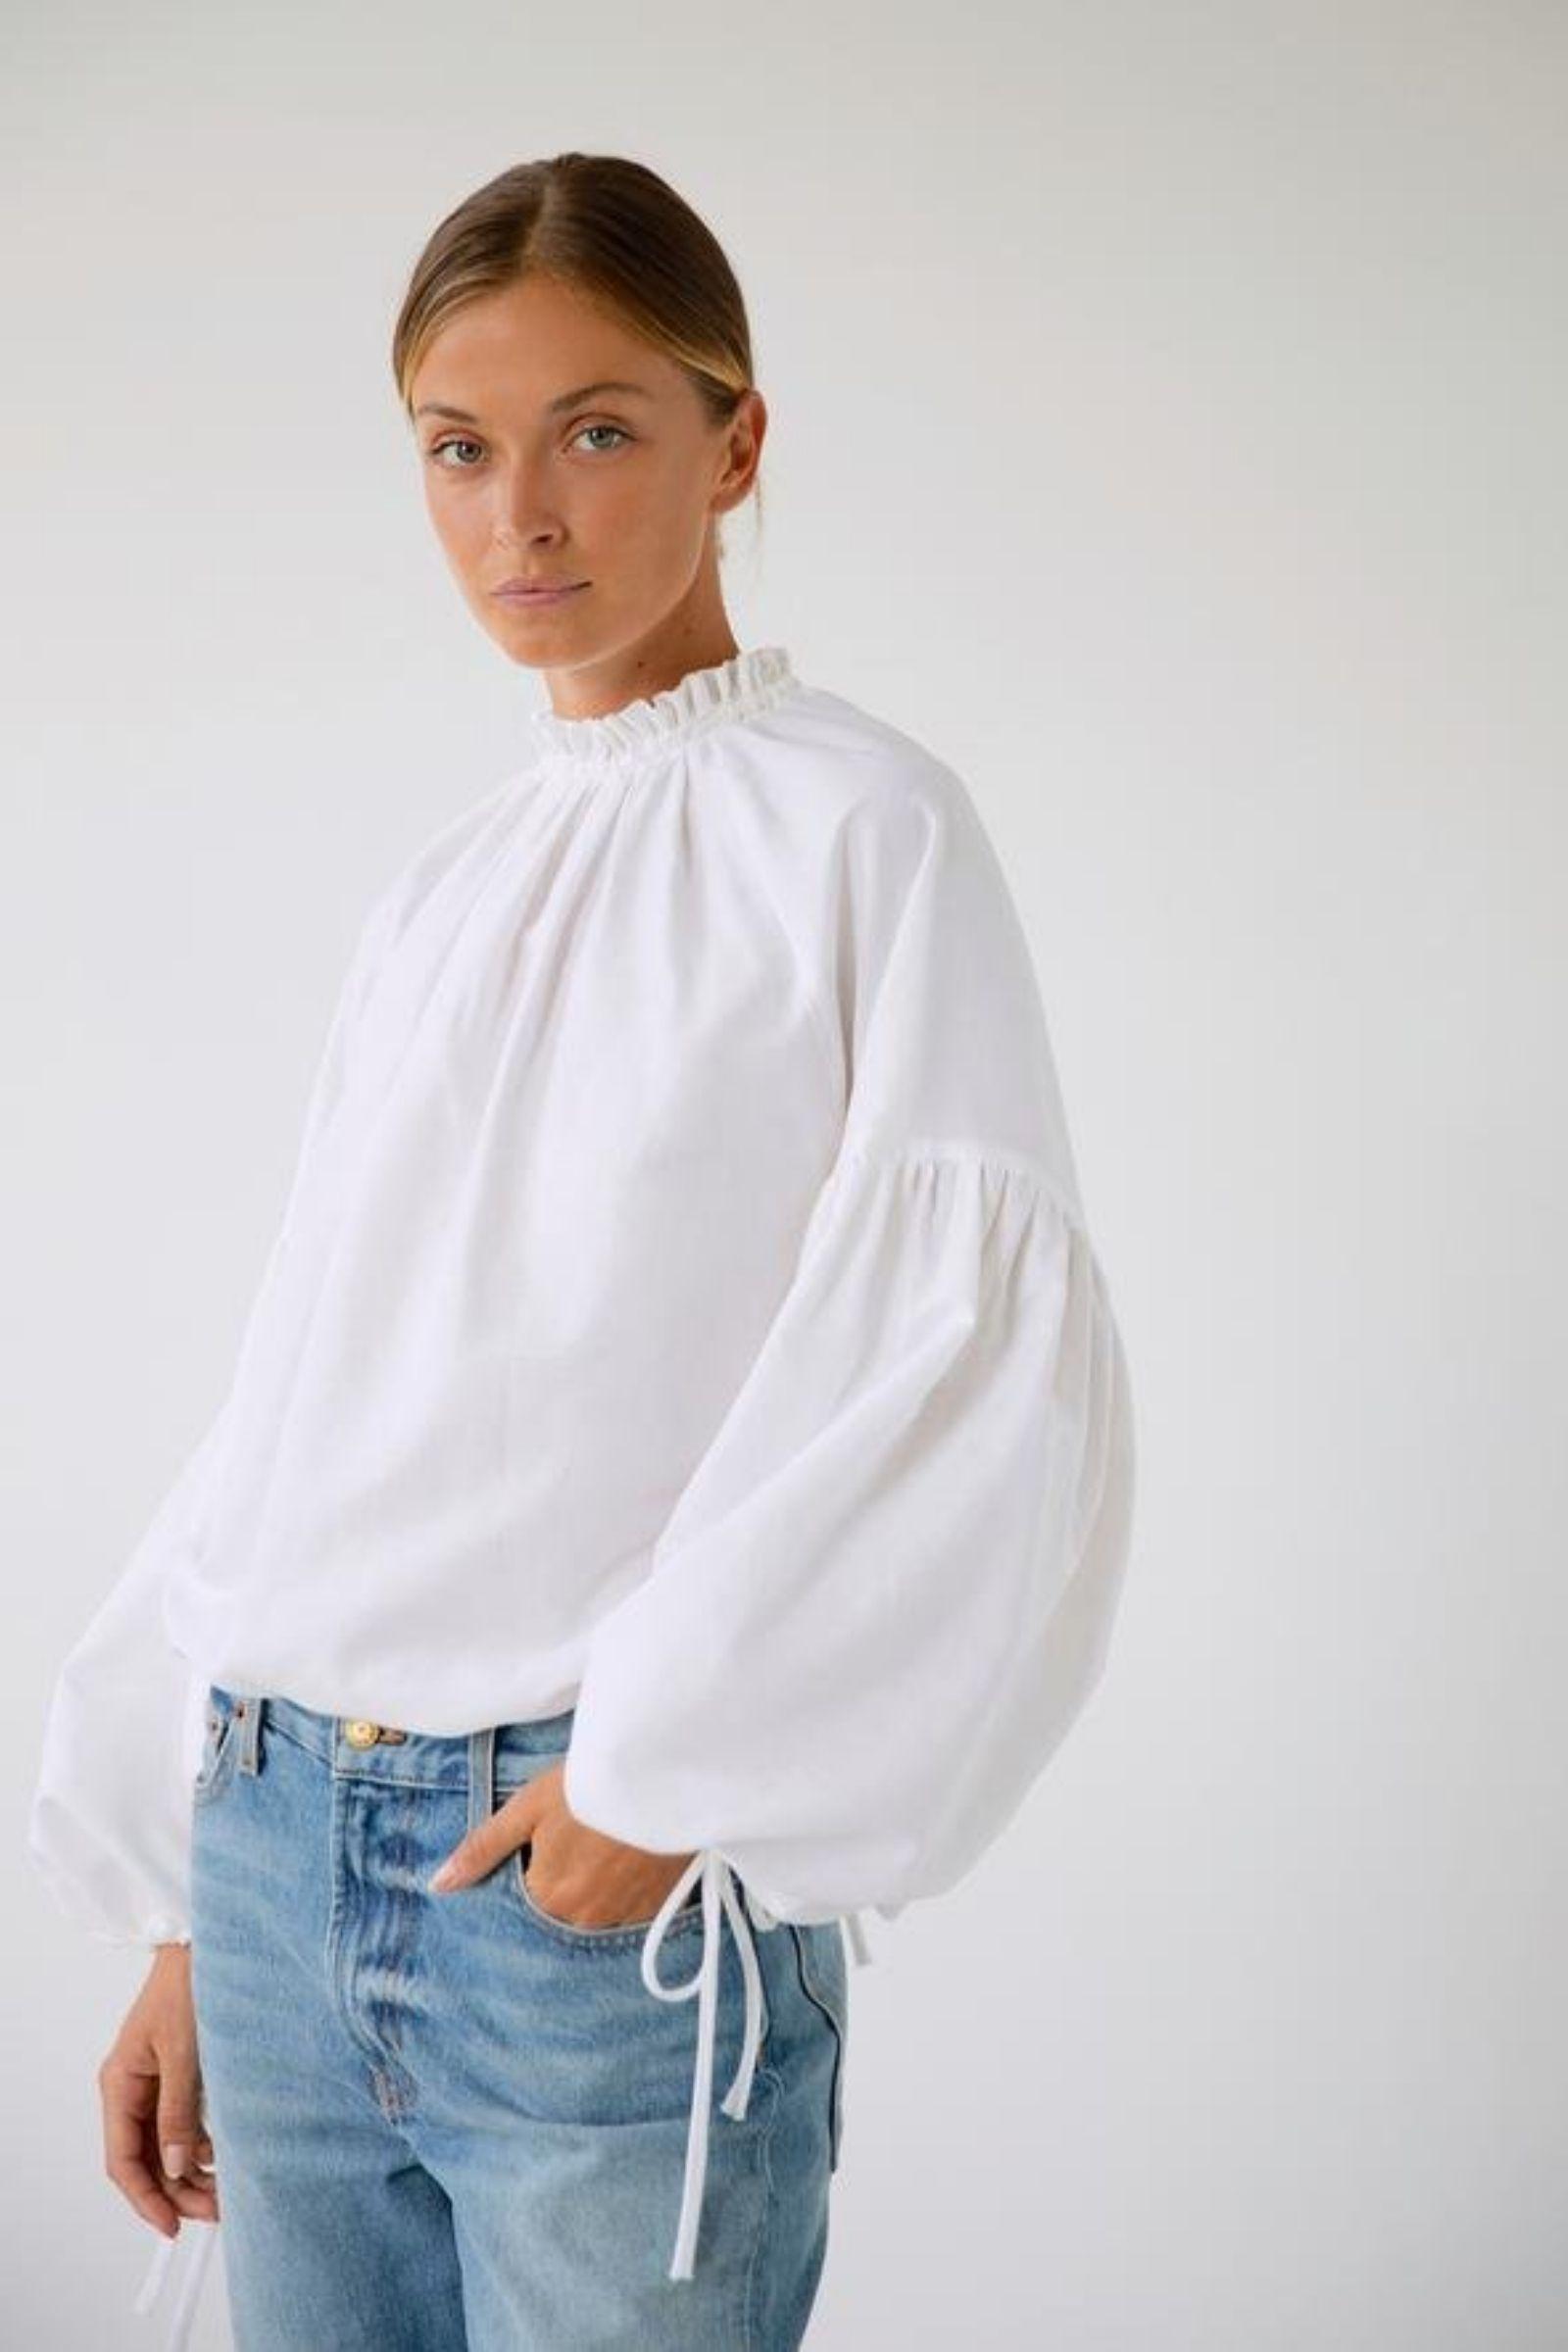 Camicia Garment 02 Les Izmoore